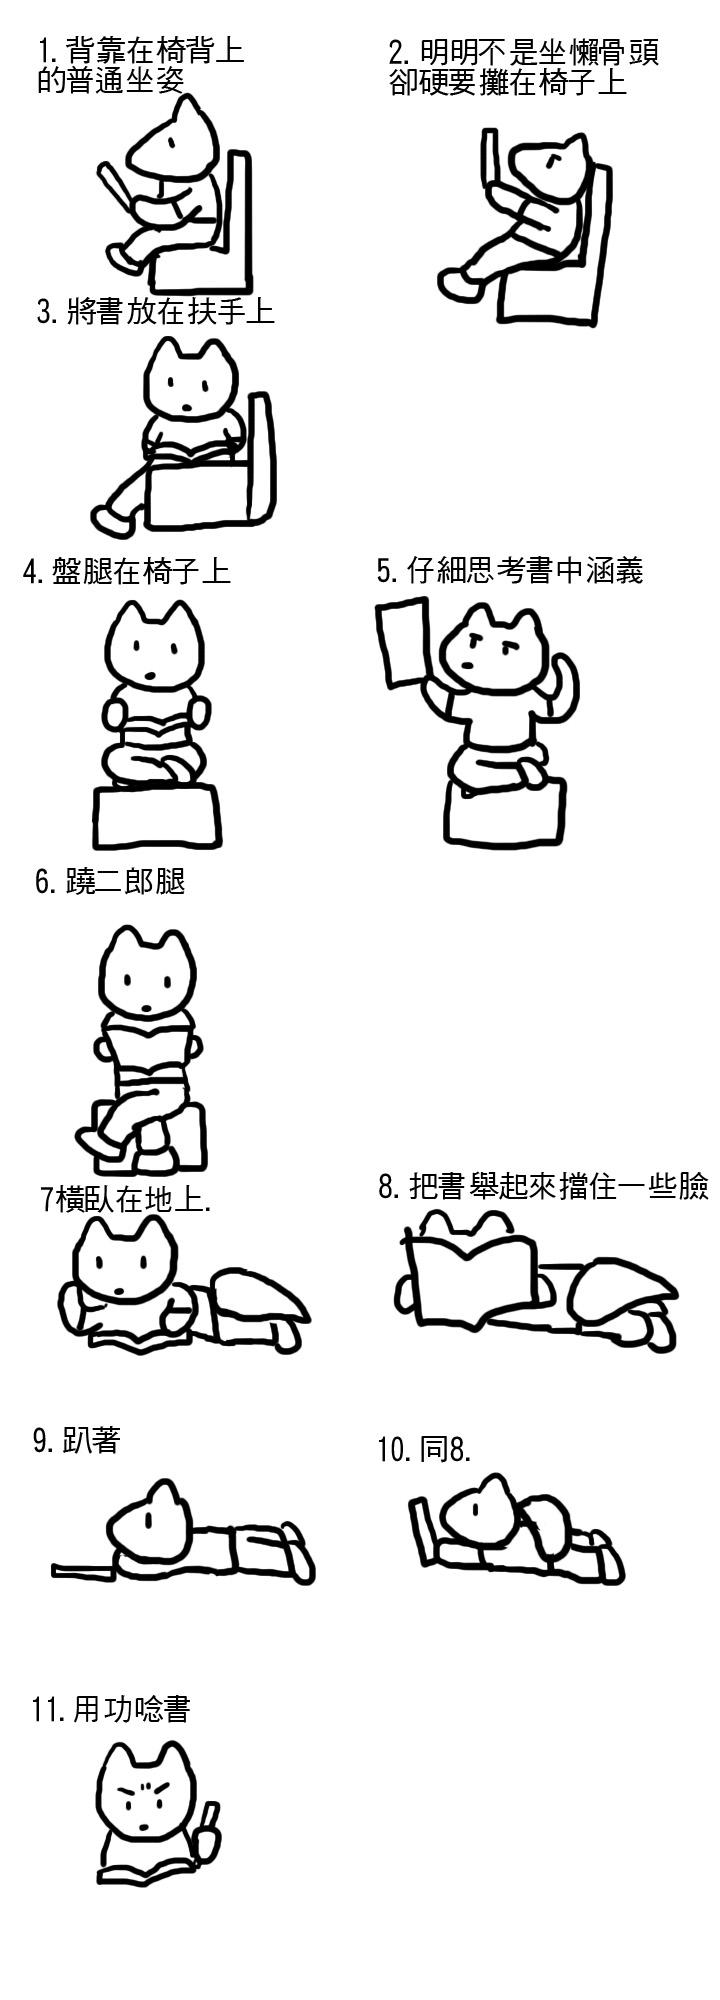 閱讀的11種姿態.jpg